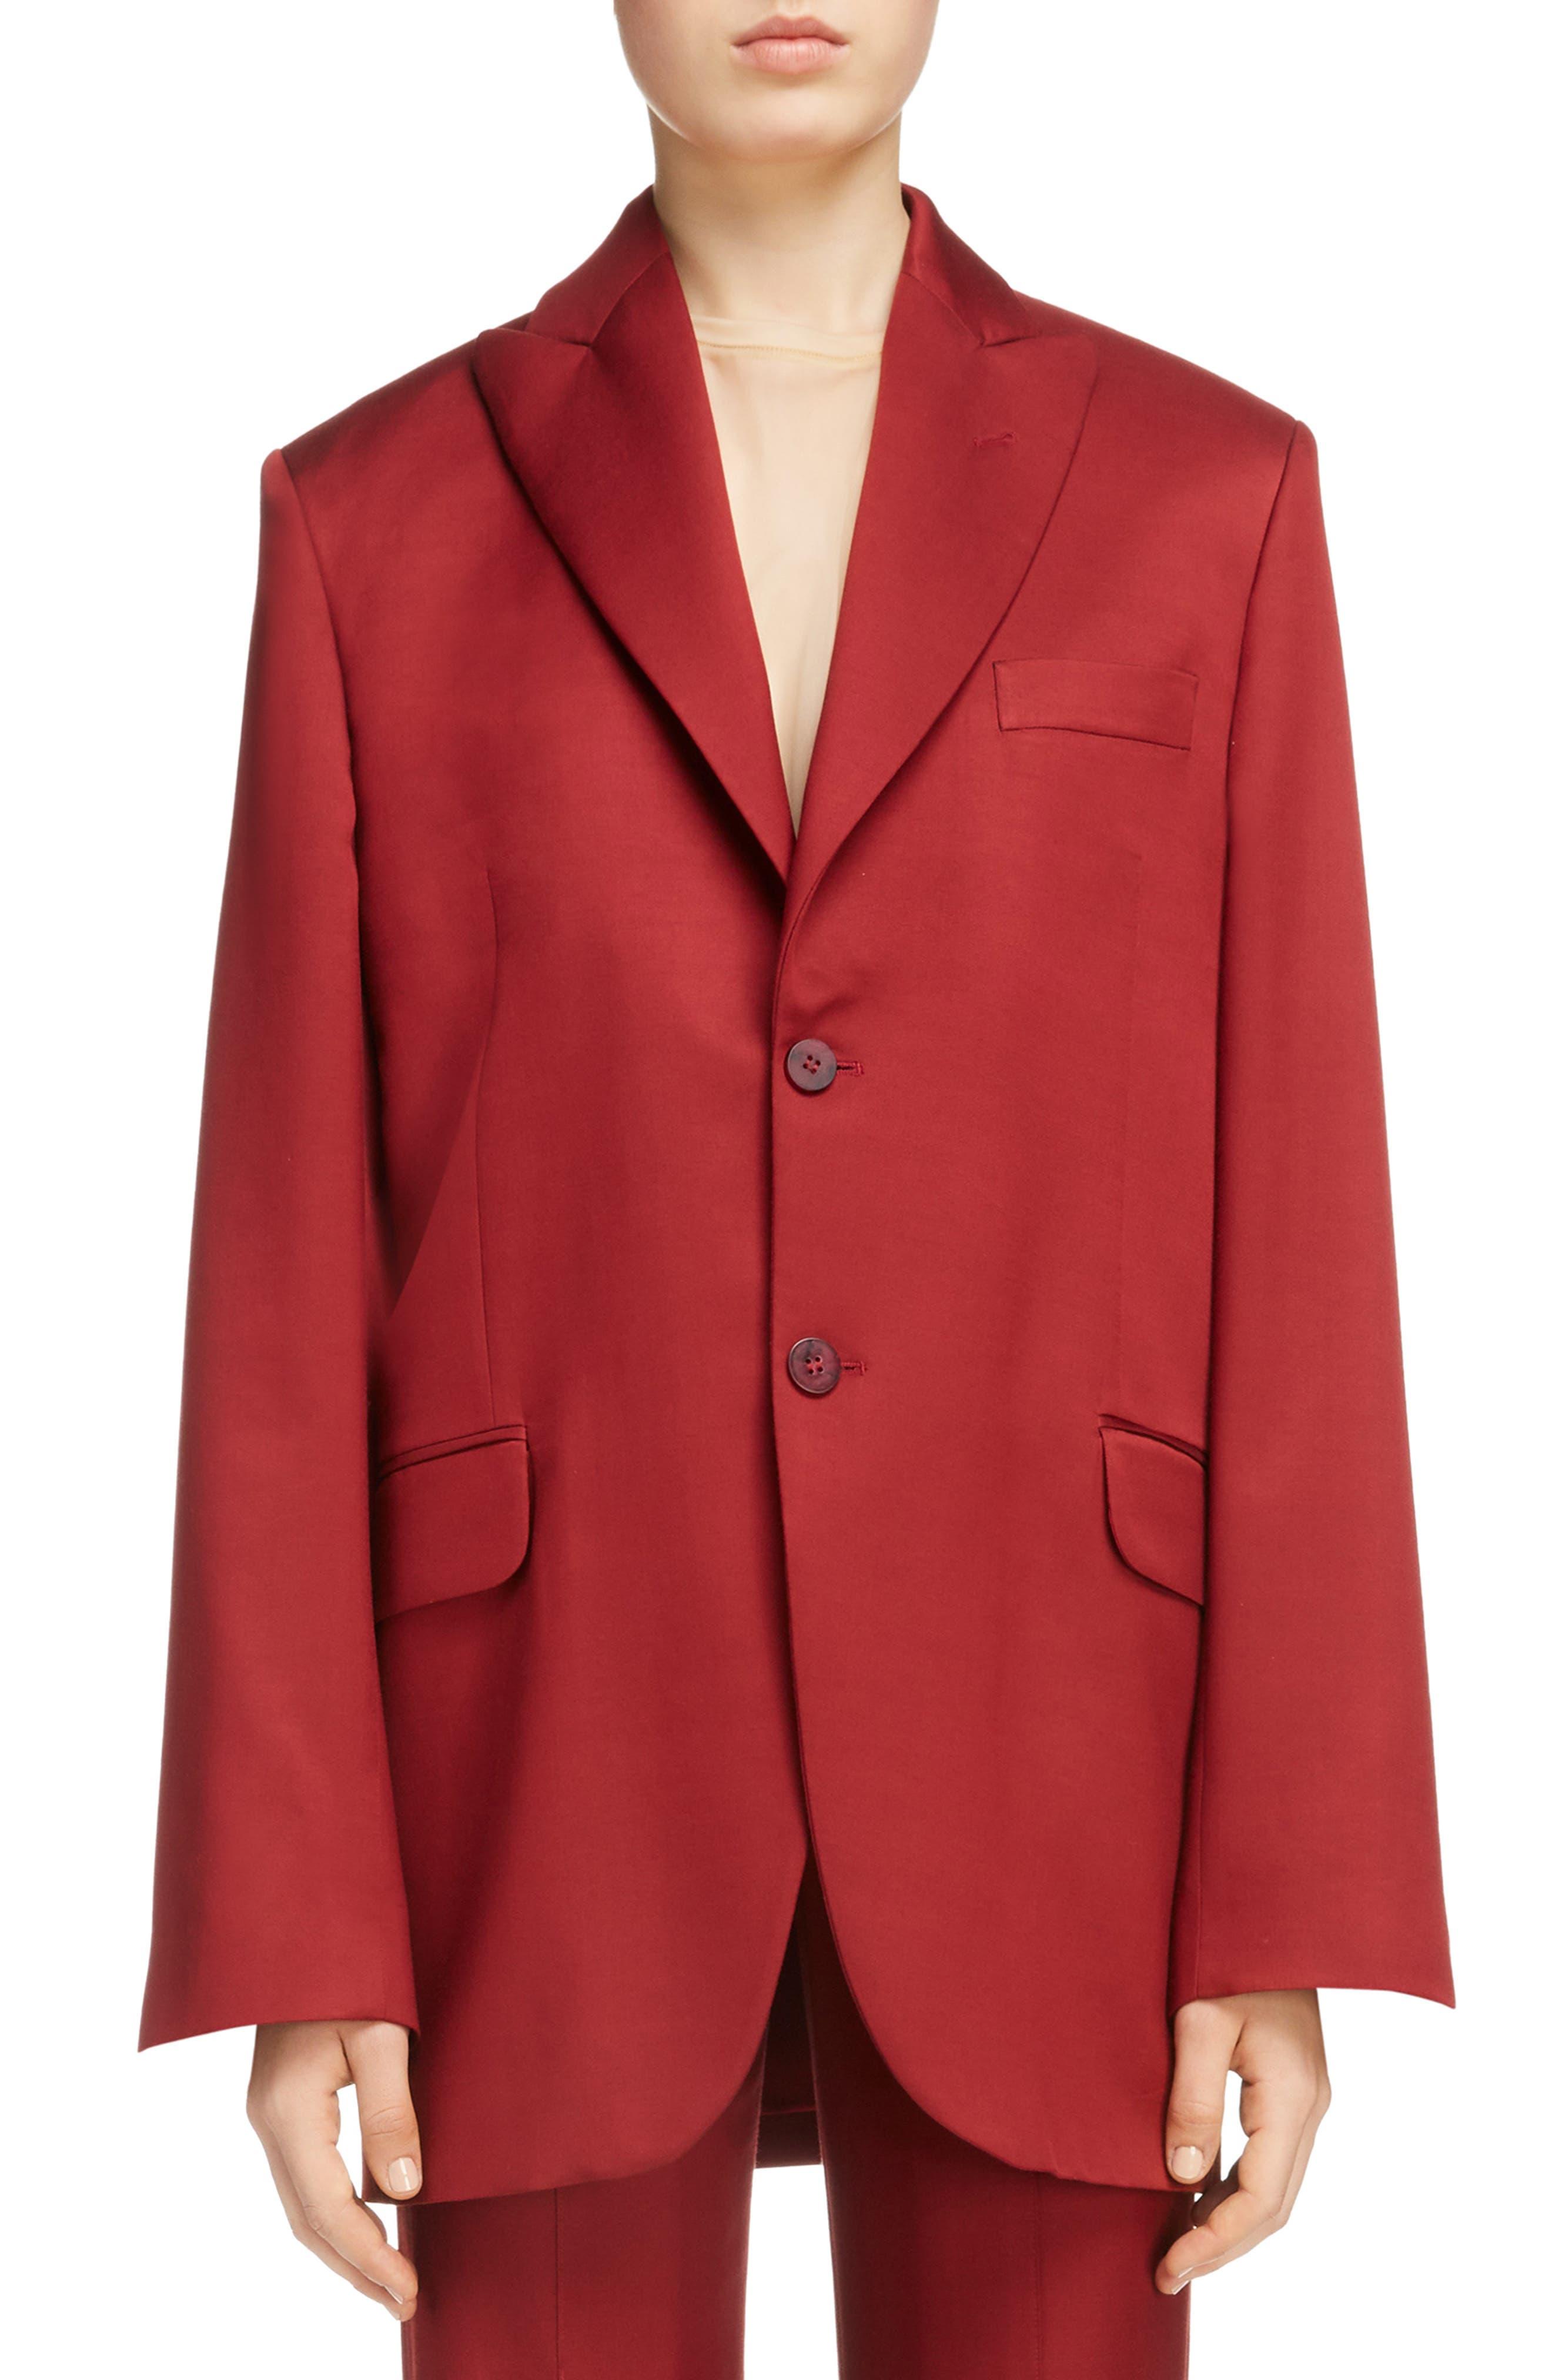 Jaria Suit Jacket,                             Main thumbnail 1, color,                             Crimson Red